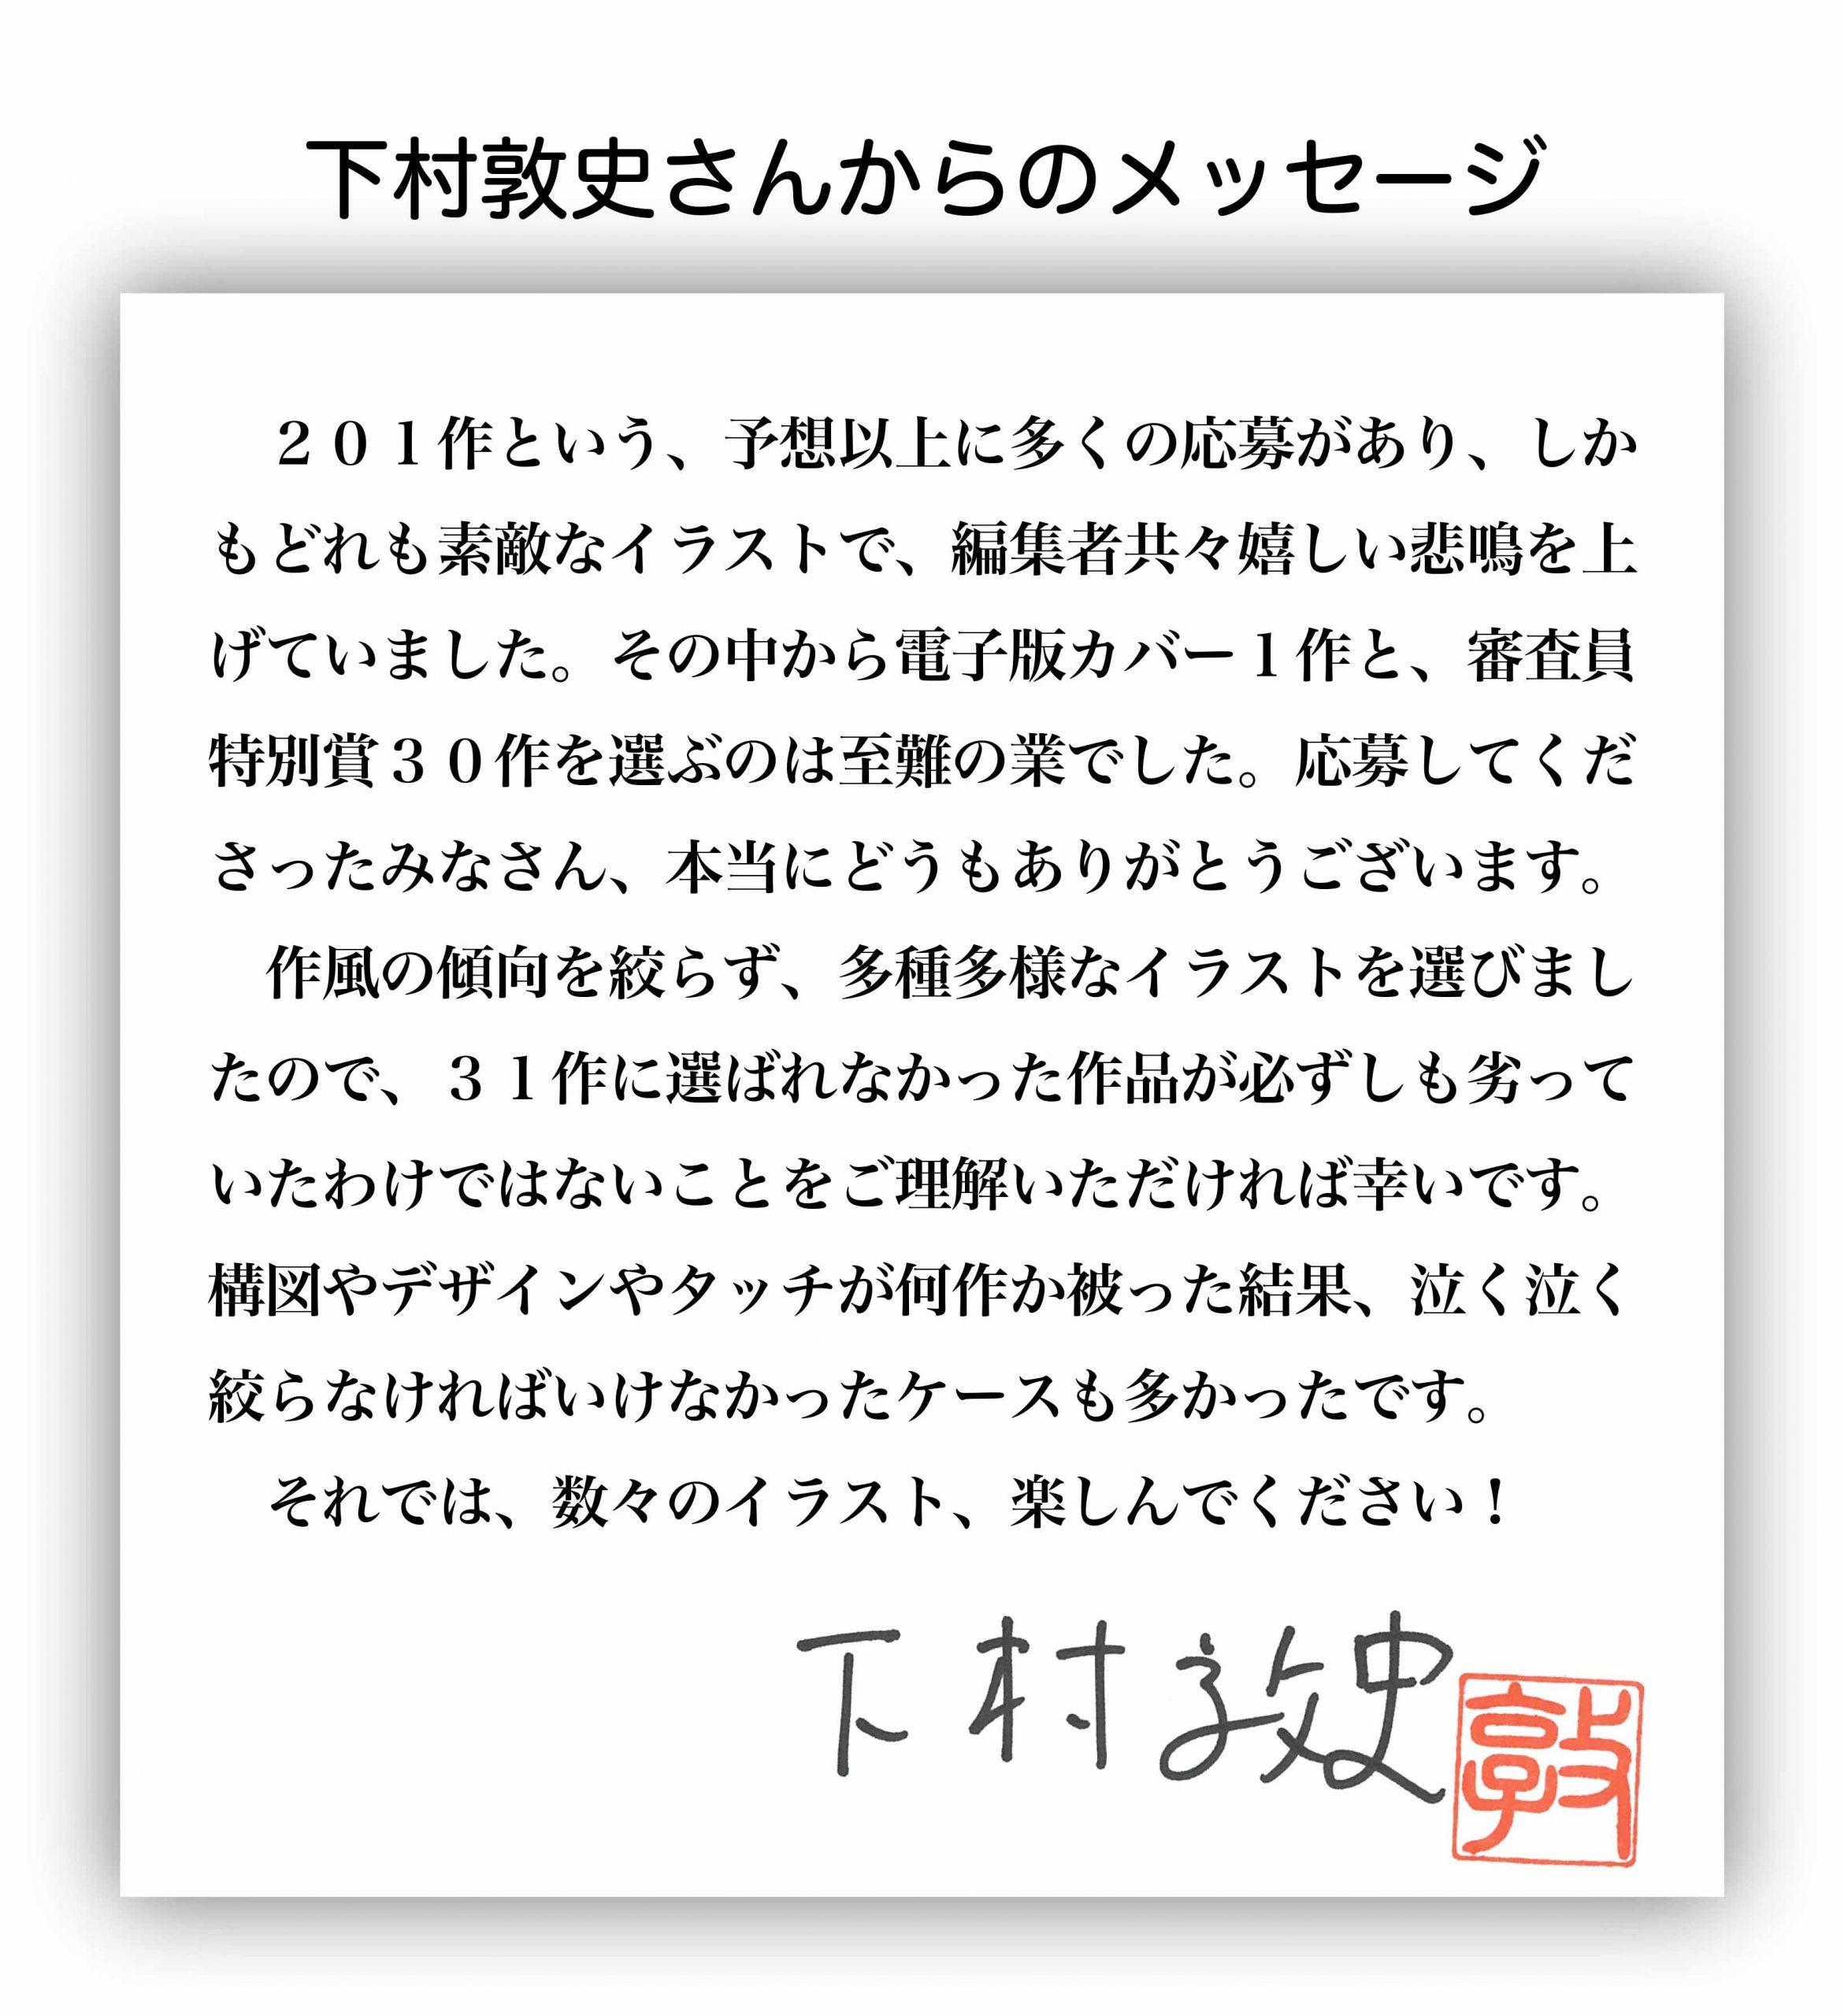 下村さんメッセージ